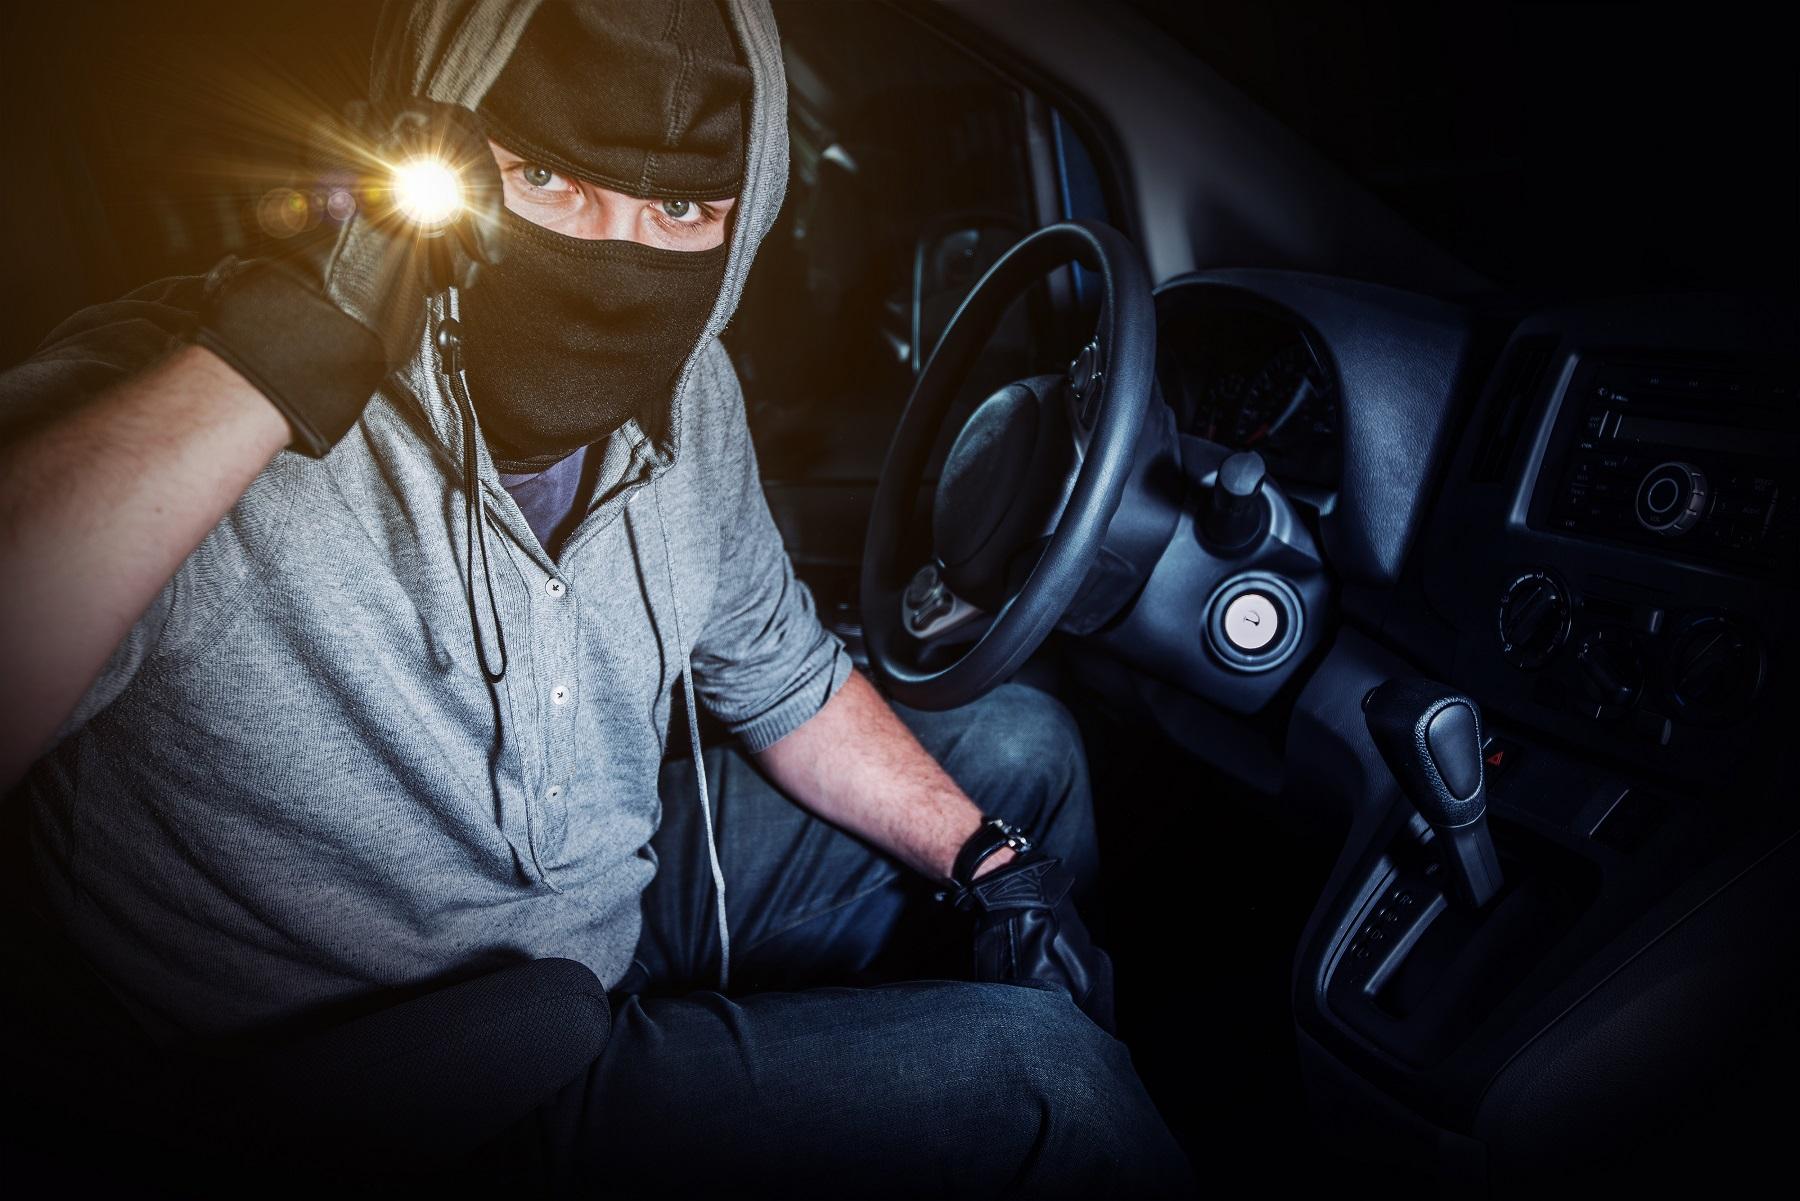 Ktoré autá sa kradnú najviac a o ktoré naopak nie je záujem?